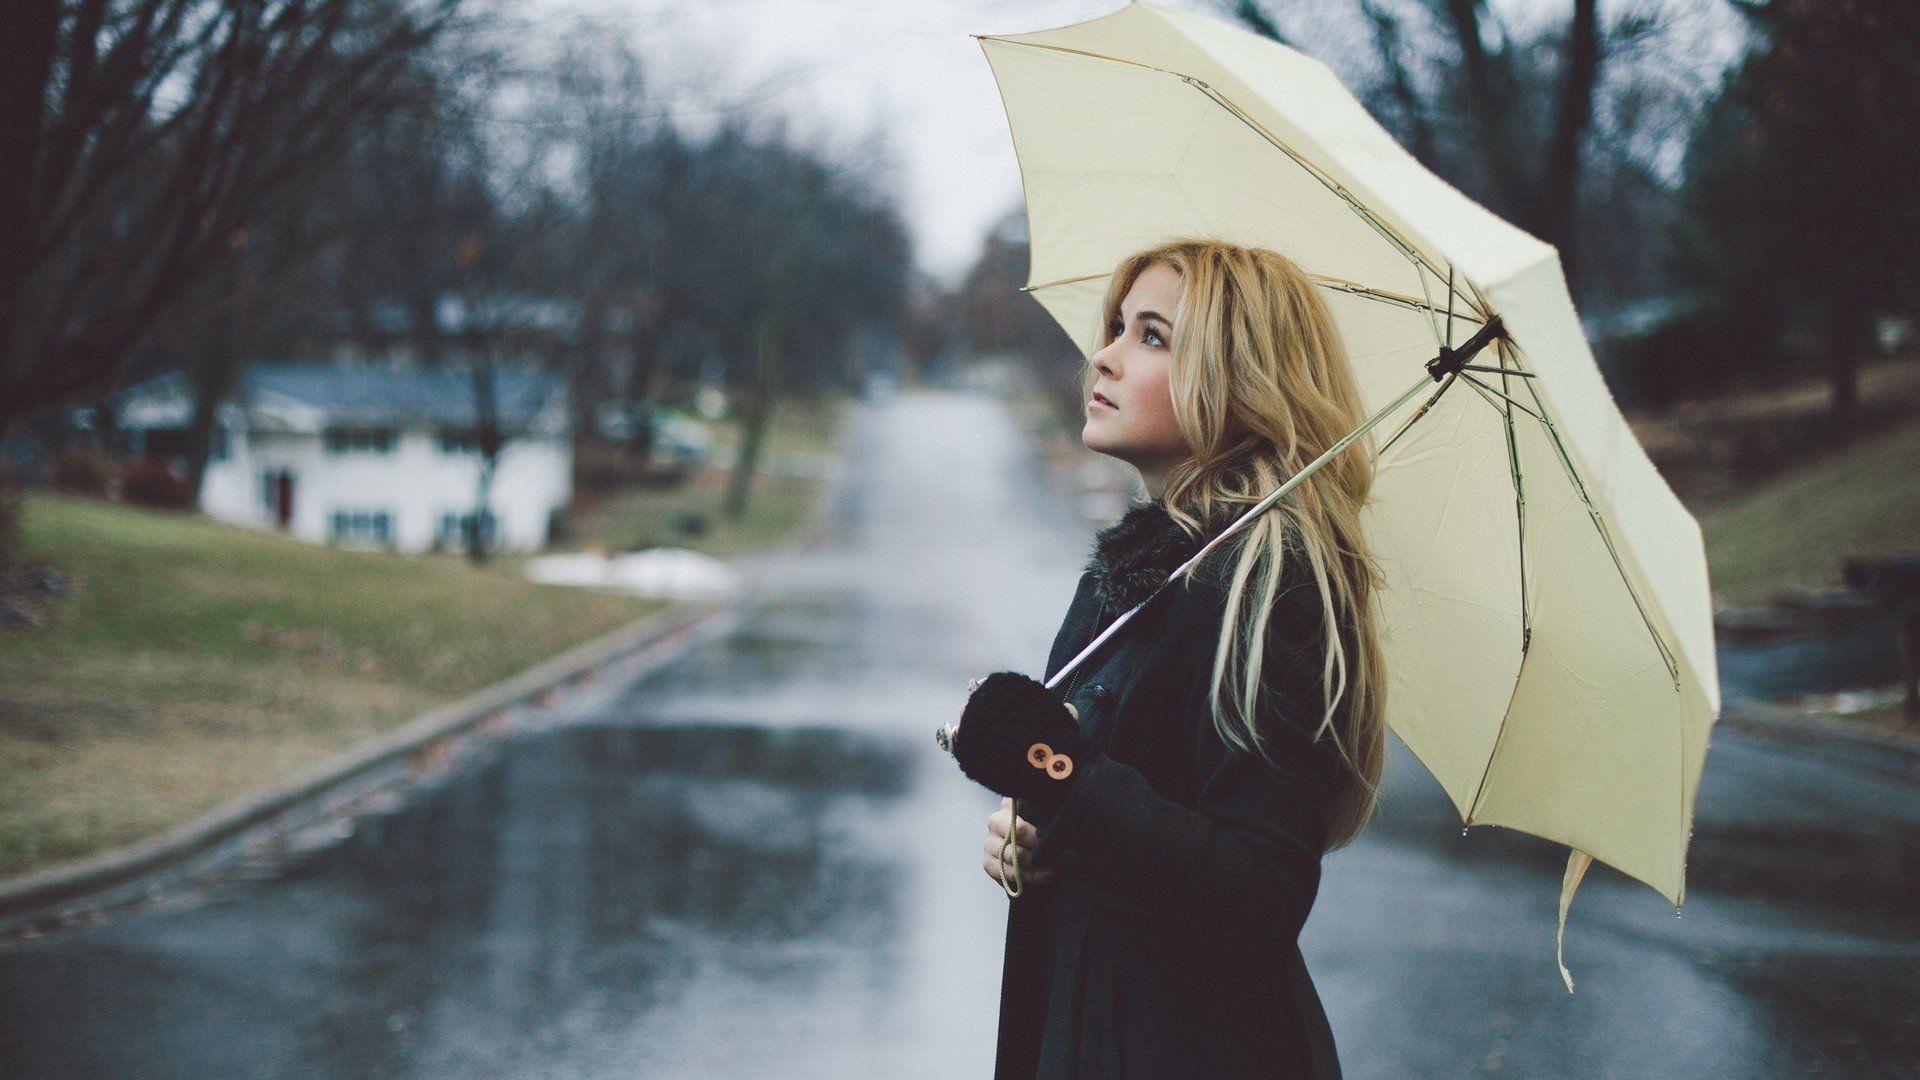 Прохладно, местами пройдут дожди: каким будет 9 июля в Украине. Погода на вторник